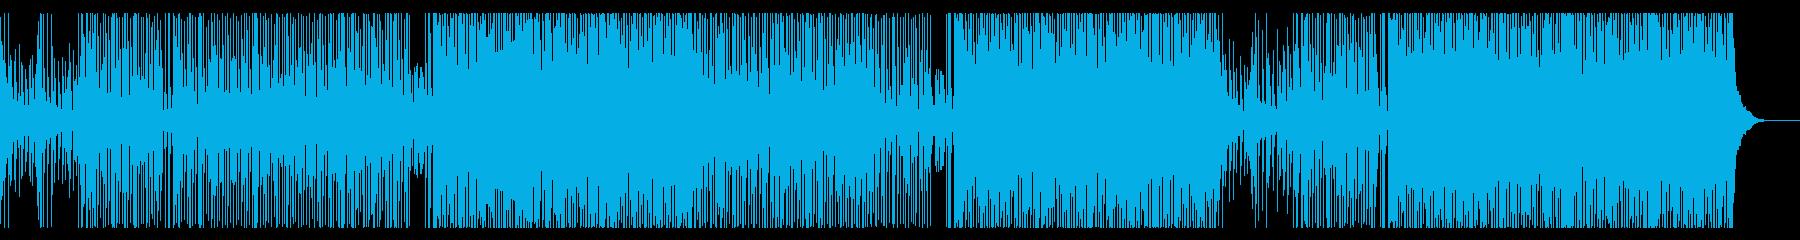 トロピカルEDMなサウンドの曲の再生済みの波形